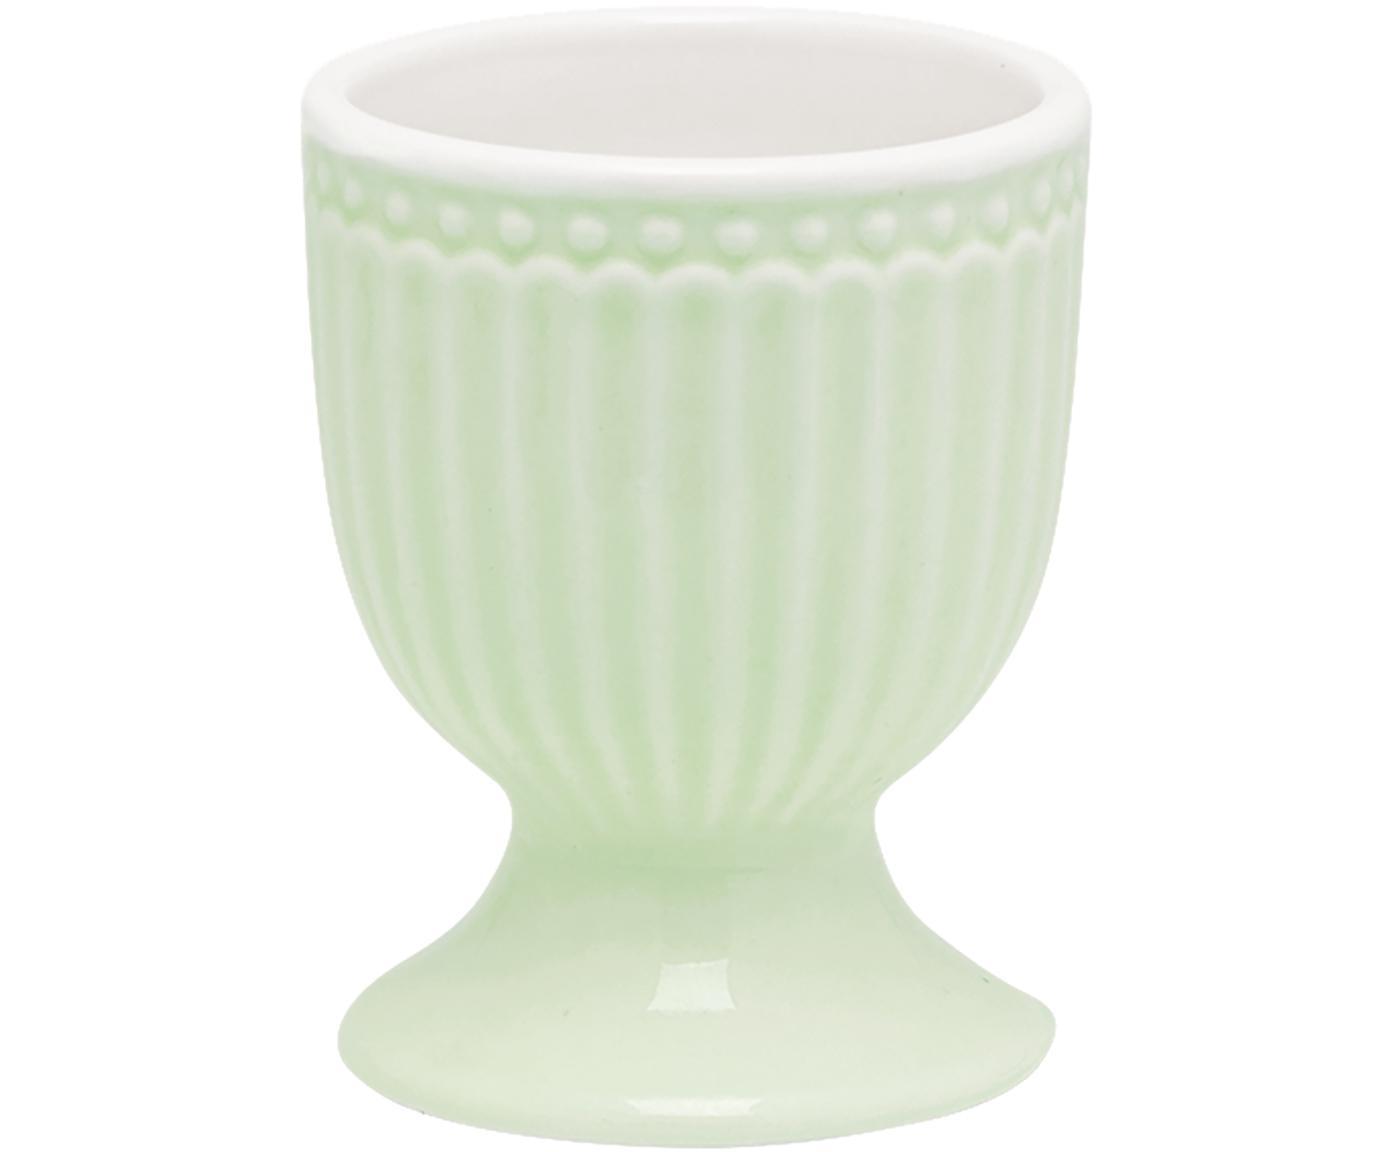 Soportes de huevo Alice, 2uds., Porcelana, Verde menta, Ø 5 x Al 7 cm